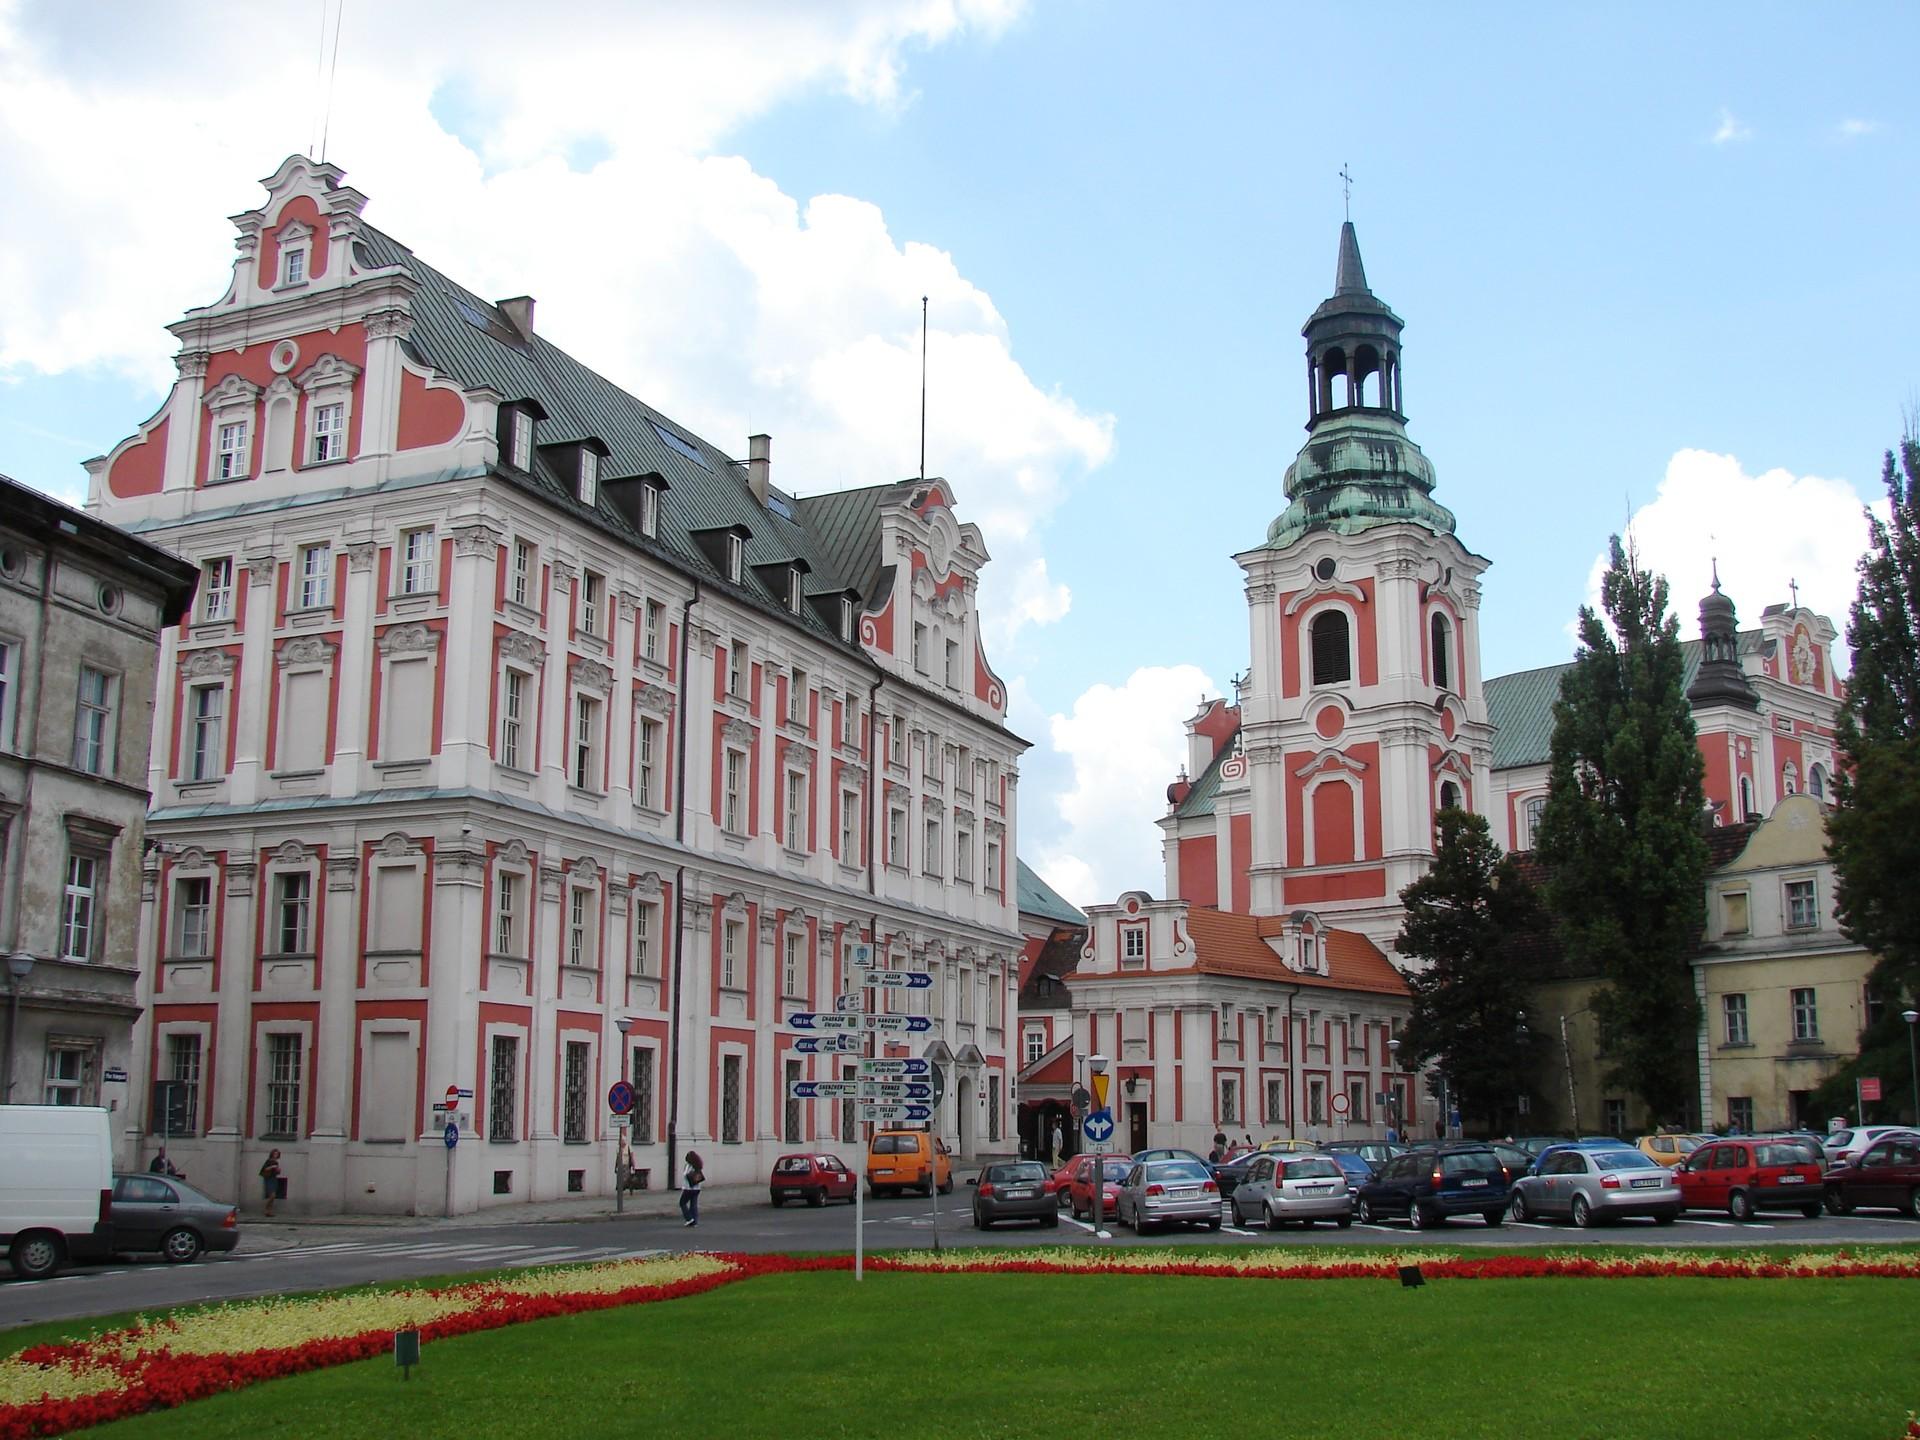 Experiencia en Poznan, Polonia, por Tom